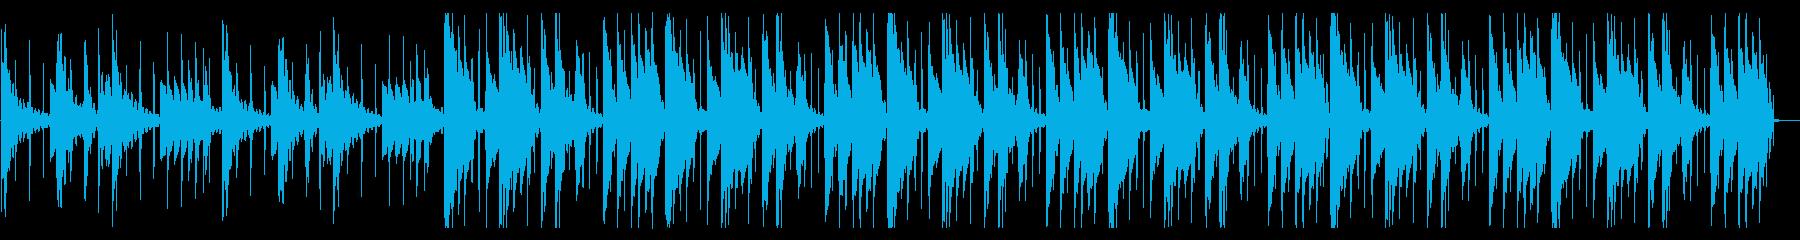 のんびりしたHiphop_No611_2の再生済みの波形